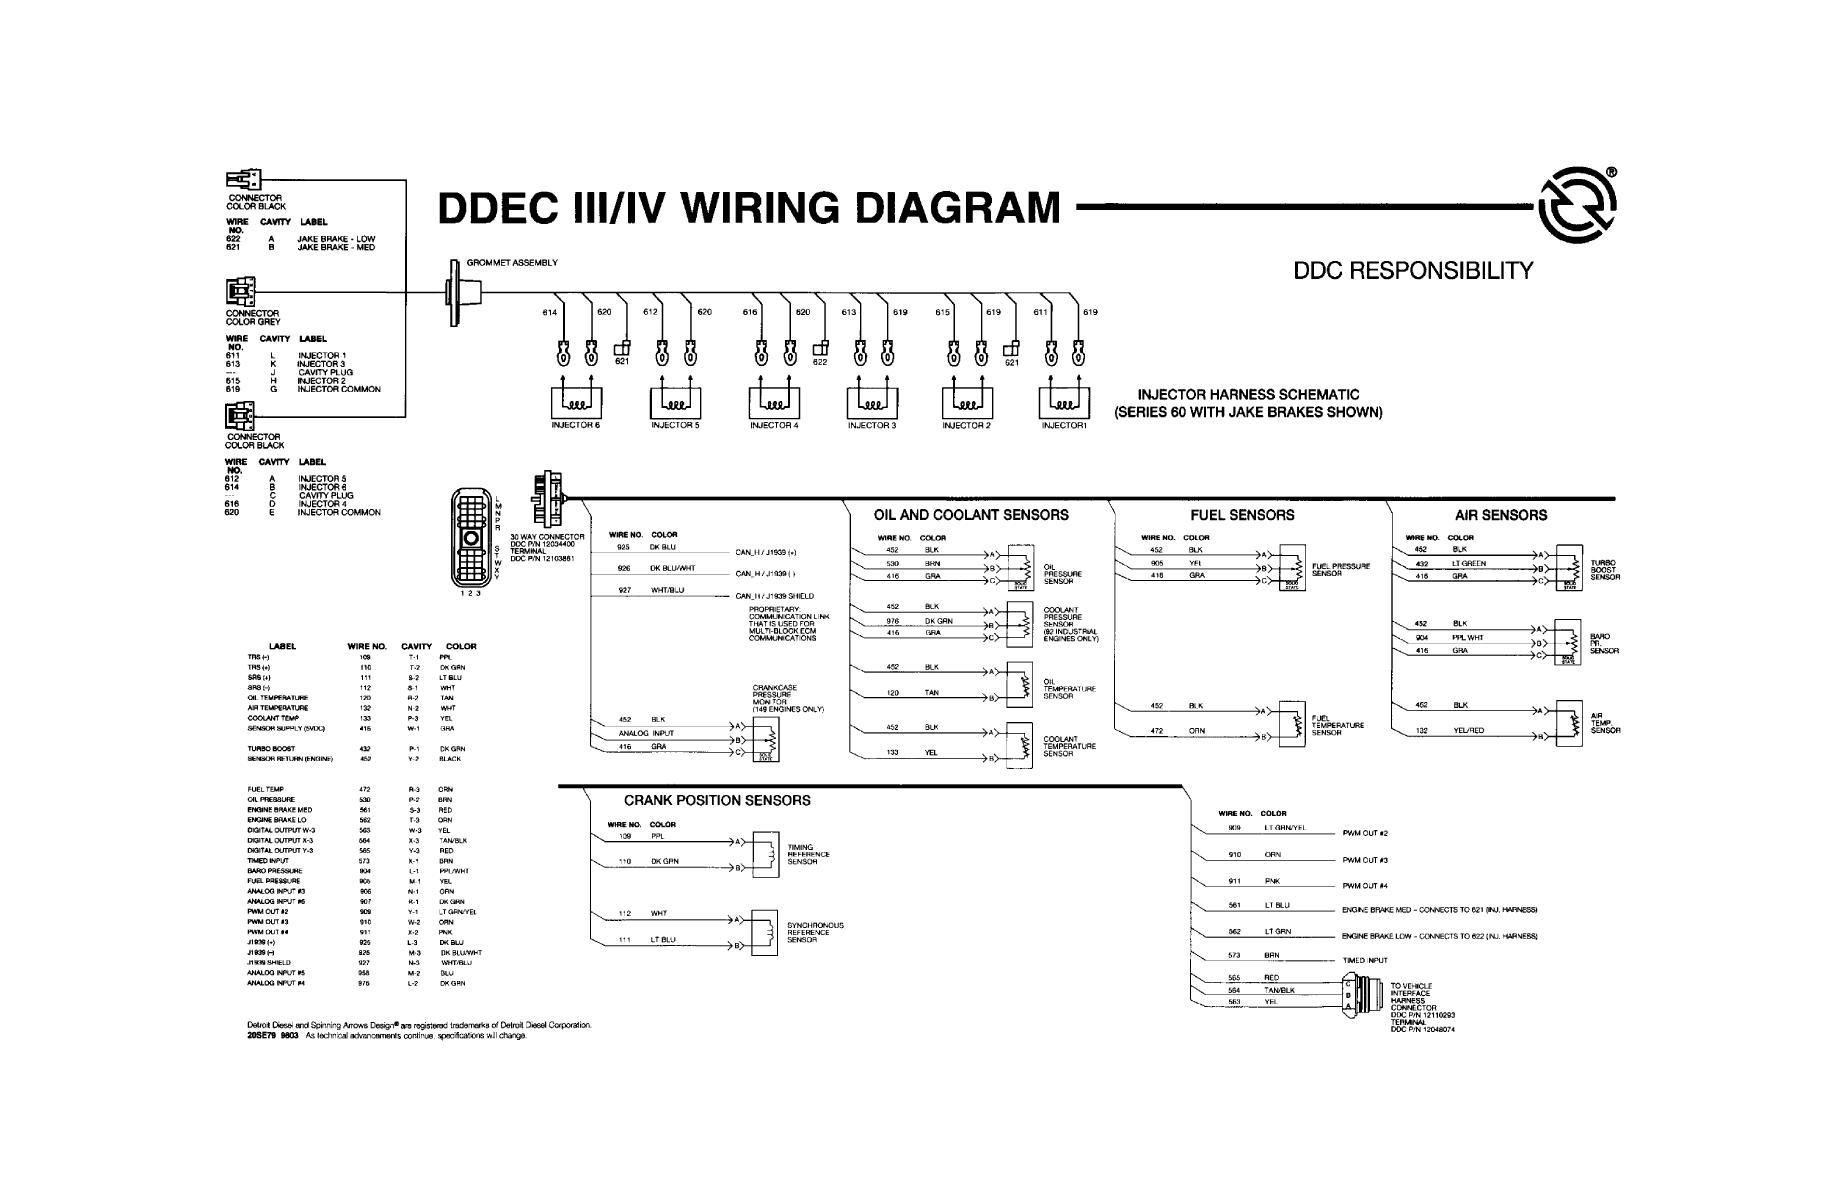 Ddec 6 Wiring Diagram | Wiring Diagram Ddec Iv Wiring Diagram Pin on